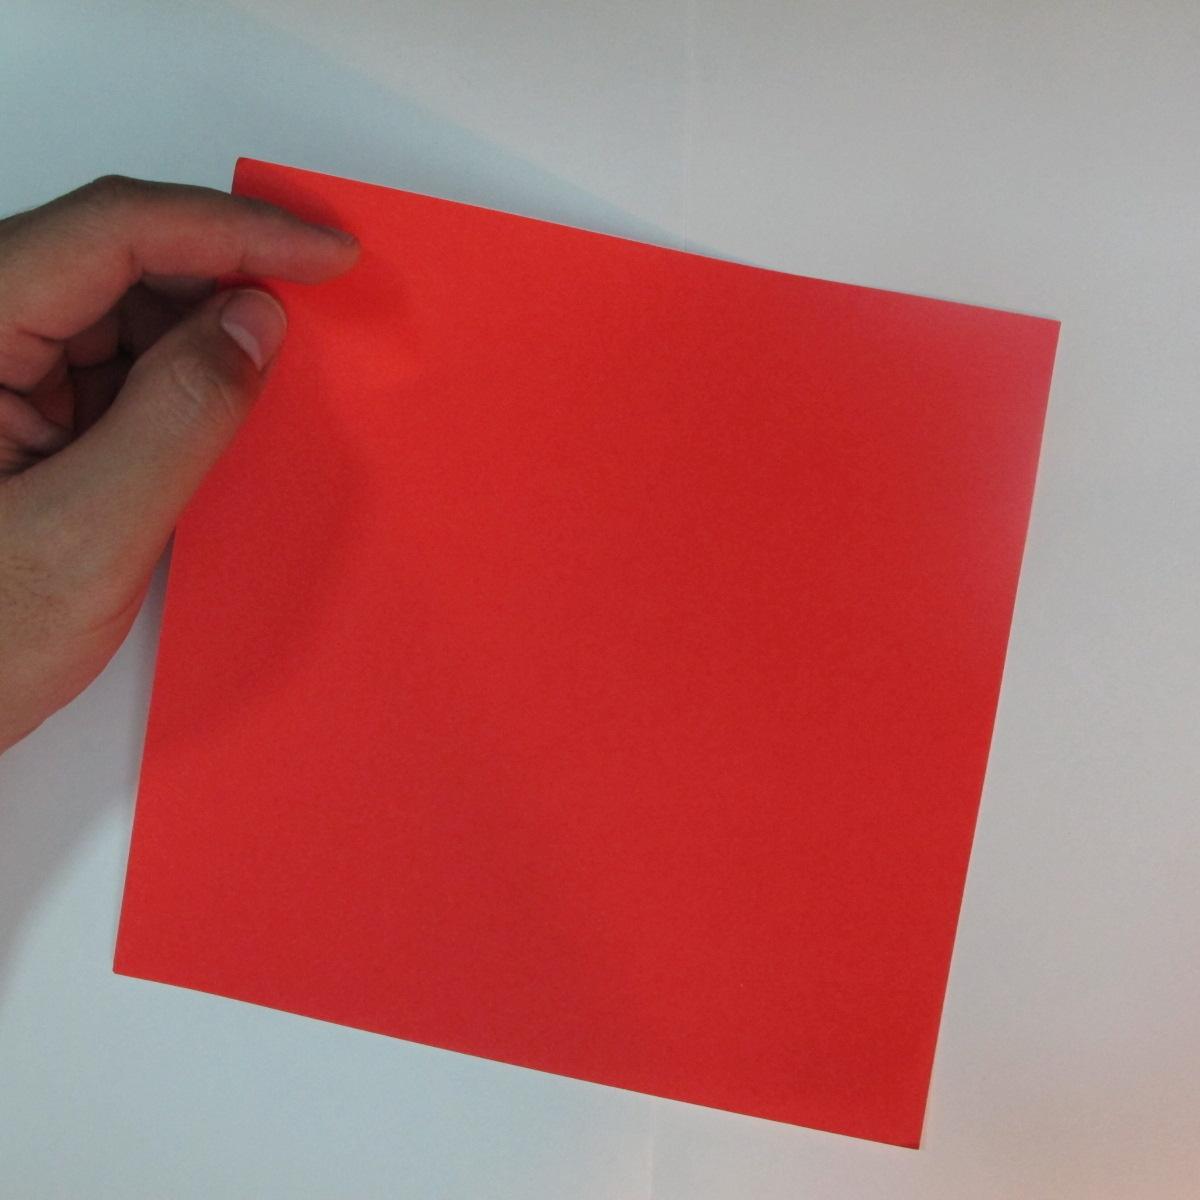 วิธีพับกระดาษพับดอกกุหลาบ 001